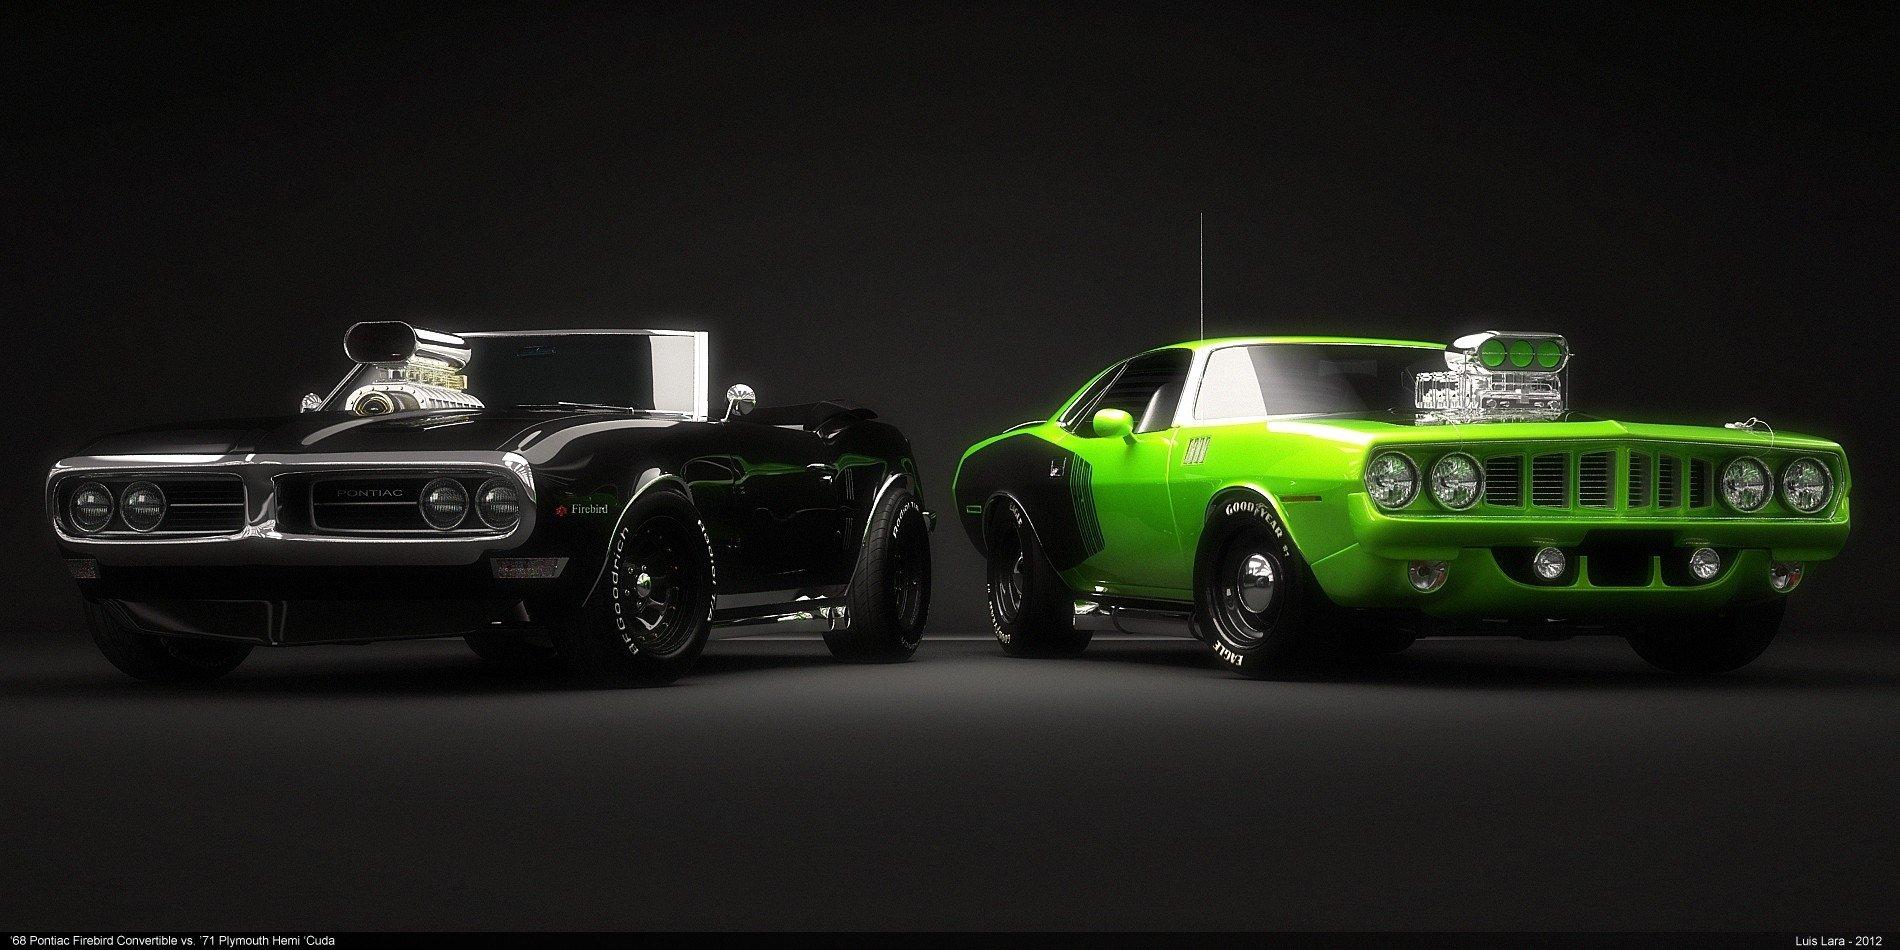 Muscle car slideshow wallpaper wallpapersafari - Muscle cars wallpaper hd pack ...